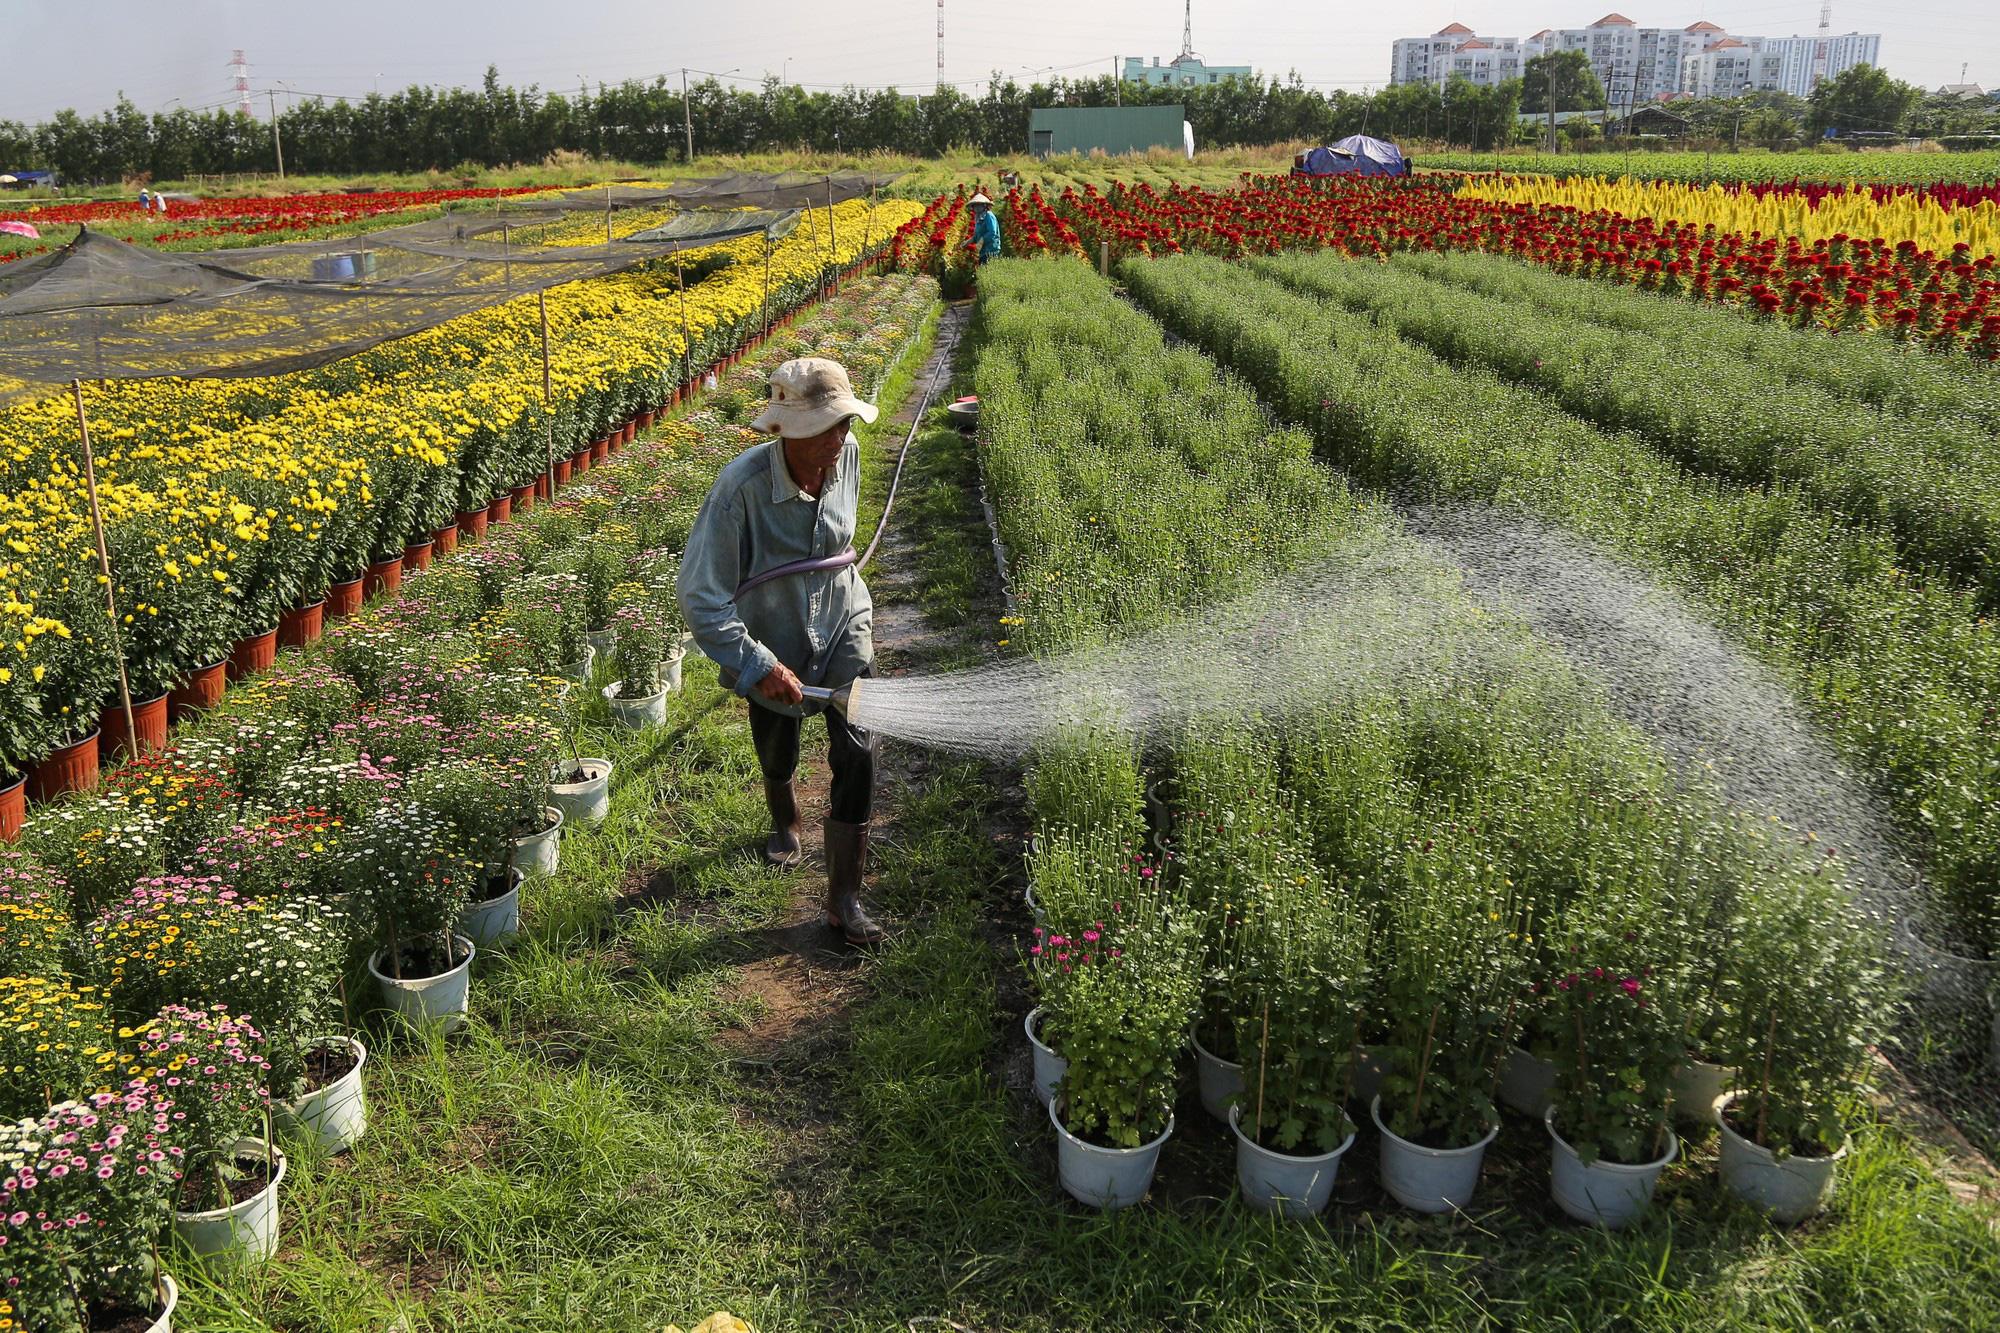 Cách tính tiền sử dụng đất khi chuyển từ đất nông nghiệp sang đất thổ cư - Ảnh 1.